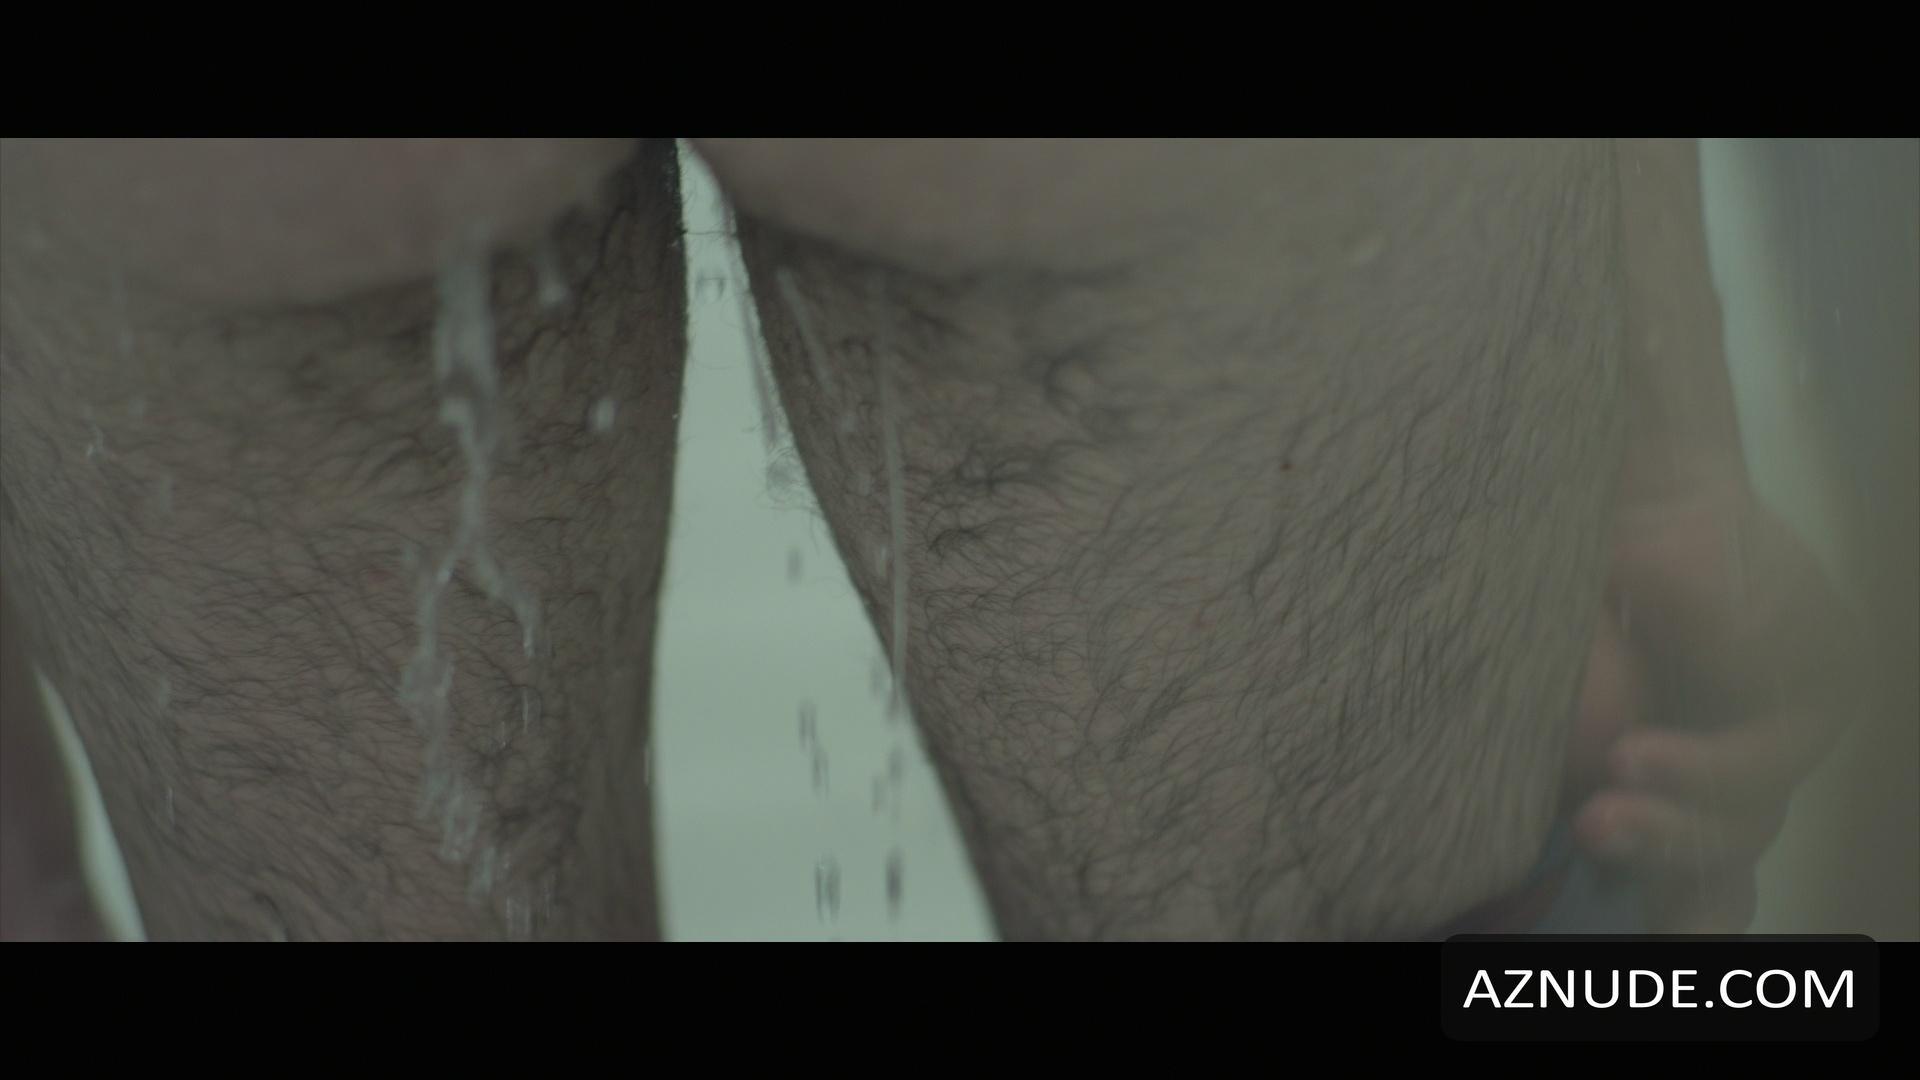 GHILHERME LOBO Nude  AZNude Men